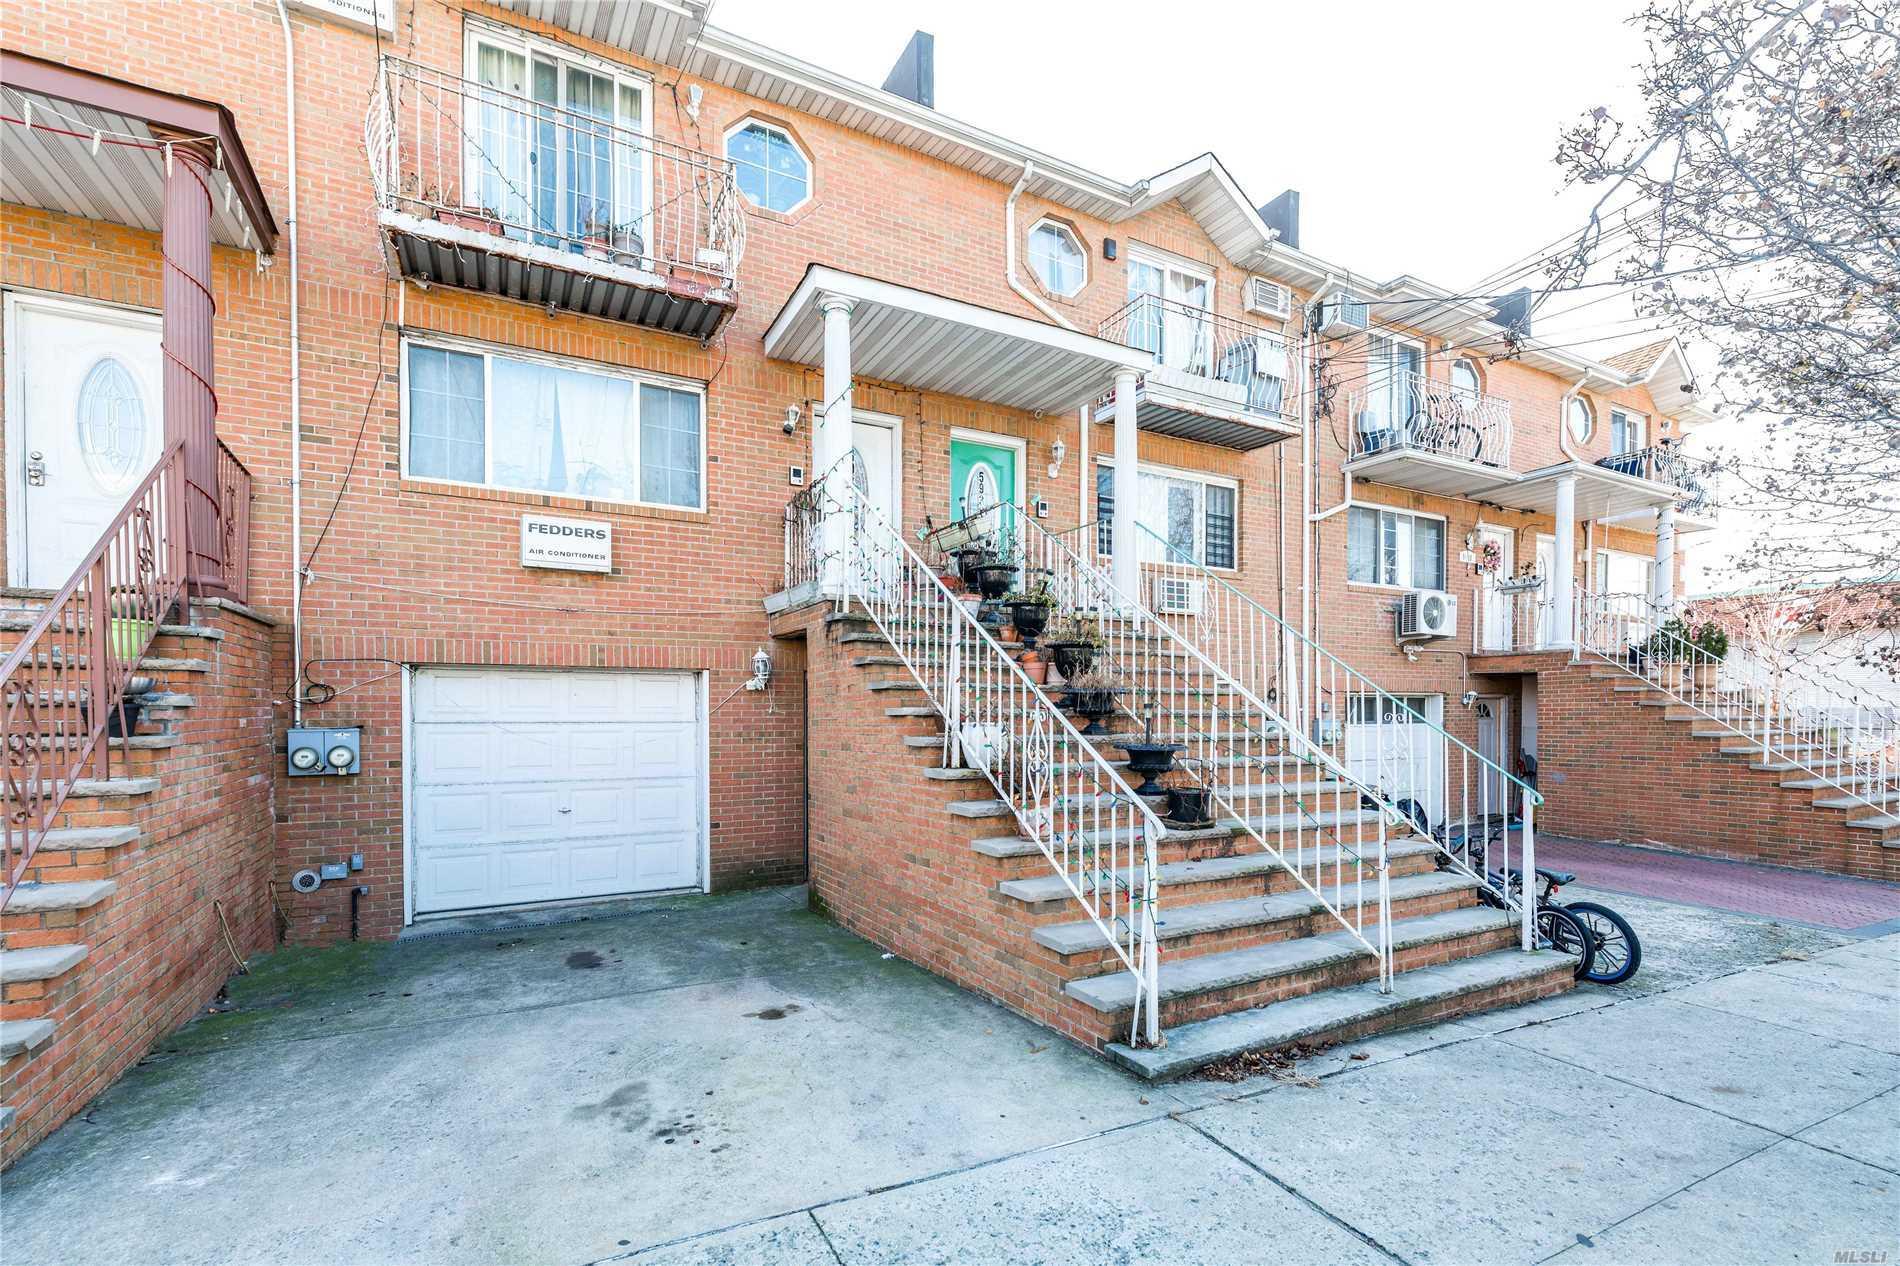 Property for sale at 59-34 60th Avenue, Maspeth NY 11378, Maspeth,  New York 11378